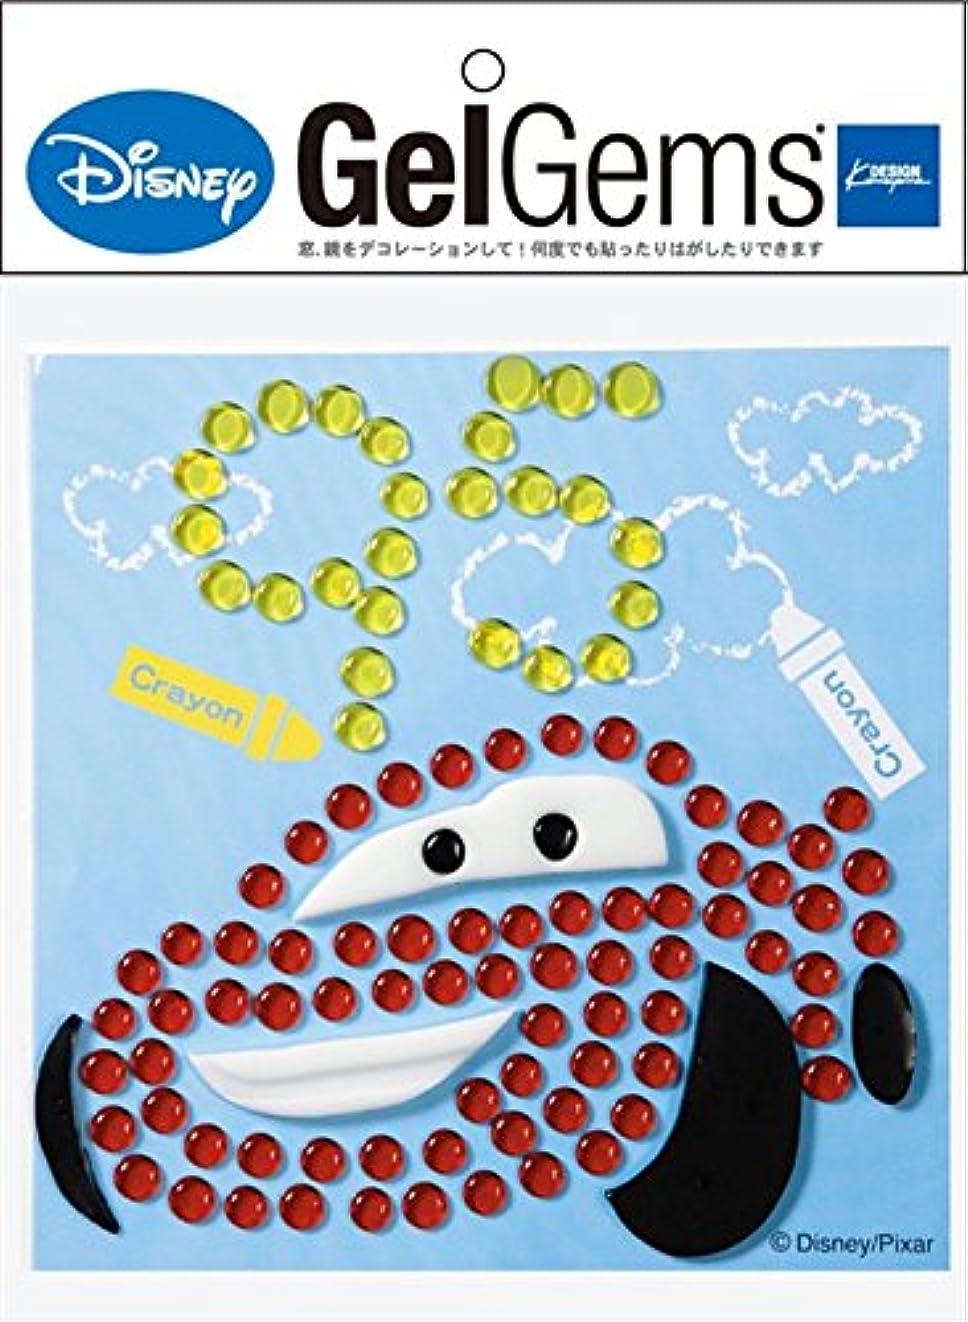 放課後ウィスキー急流ディズニー(Disney) ジェルジェムディズニーバッグS 「 カーズドット 」 E1050054